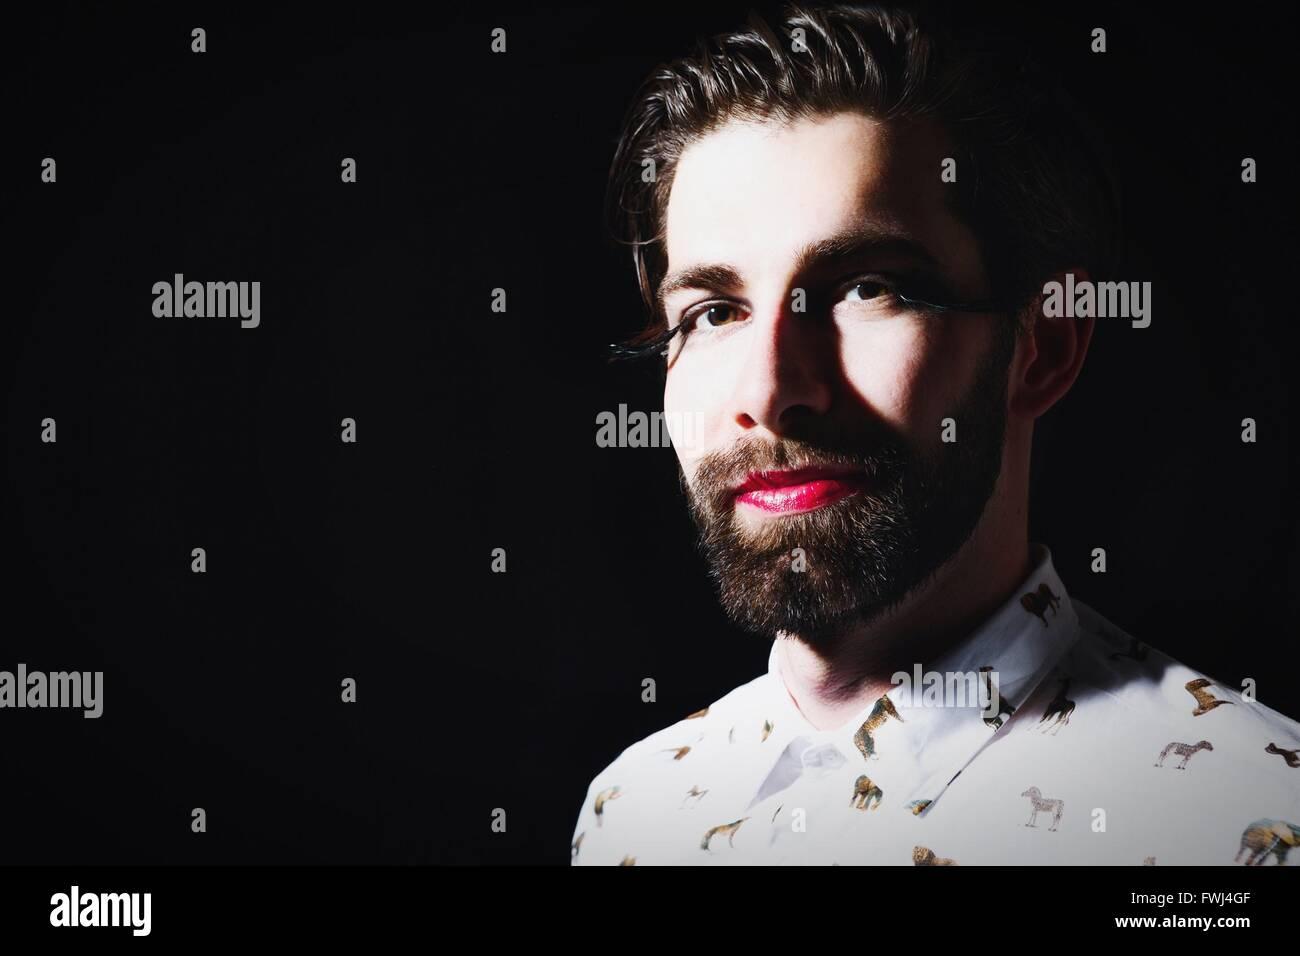 Porträt des Mannes mit rotem Lippenstift In künstliche Wimpern auf schwarzem Hintergrund Stockbild